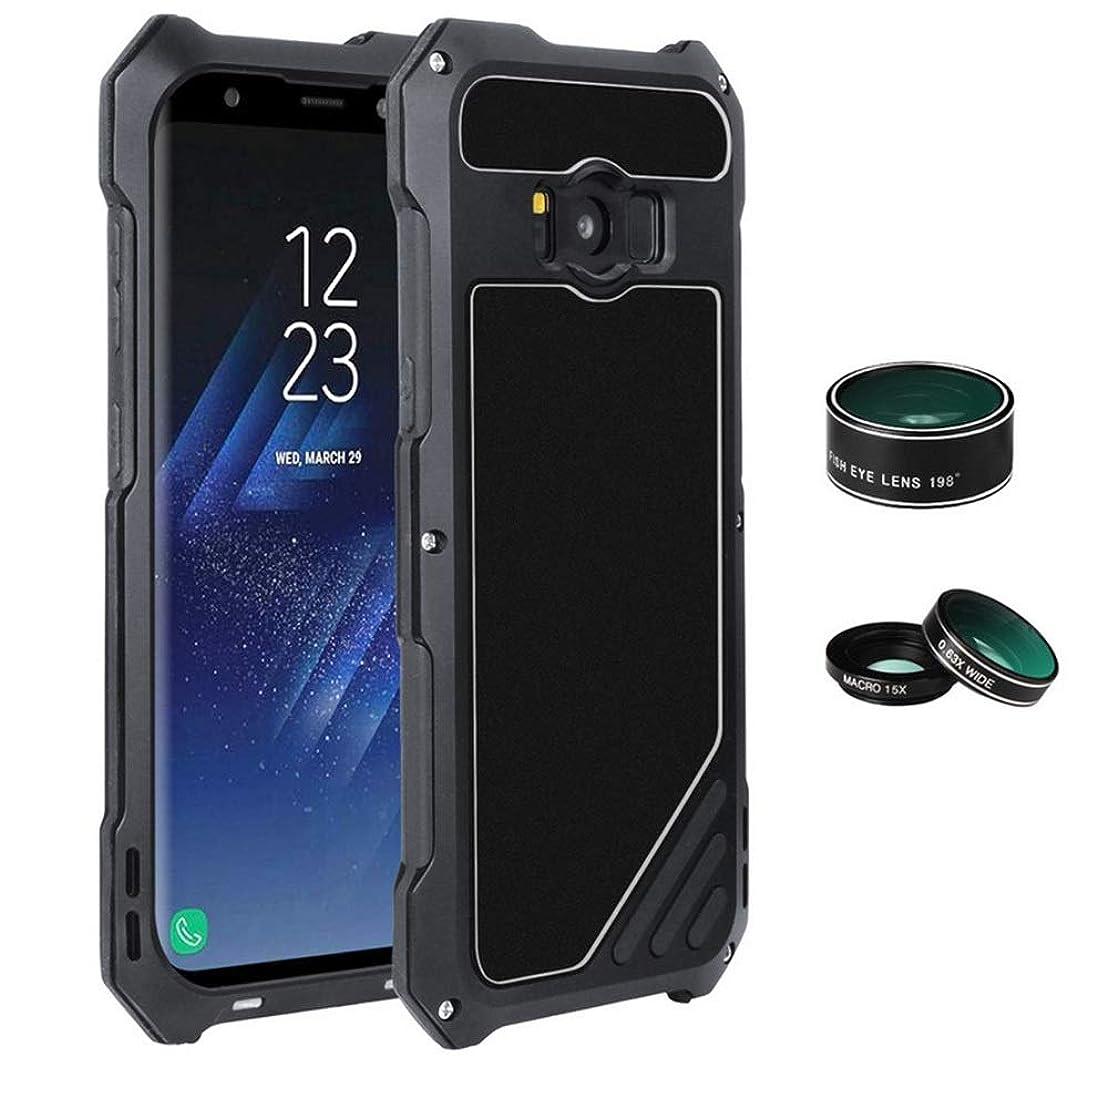 ローマ人分散怖がらせるTonglilili 携帯電話ケース、サムスンS8、S8プラスのためのレンズの金属の電話箱の保護一定の電話箱が付いている三防止の携帯電話の箱 (Color : 黒, Edition : S8)